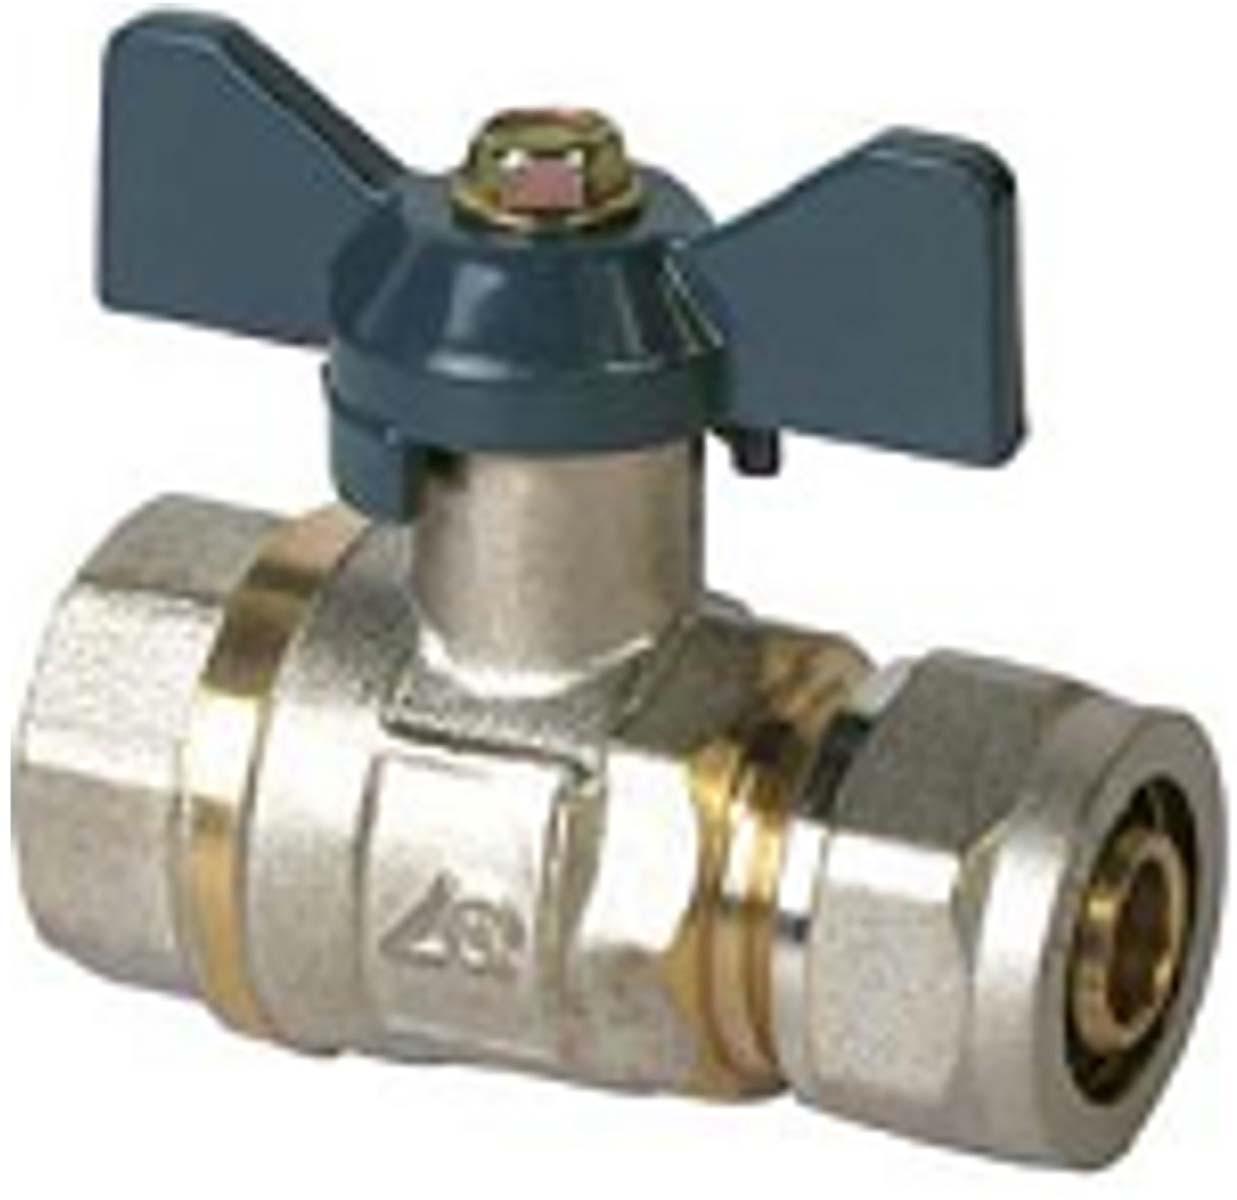 Кран шаровый RVC, под металлическую/пластиковую трубу, 16 х 1/2 ц/г бант, MP-У соединитель rvc ц г внутренняя резьба 20 мм х 1 2